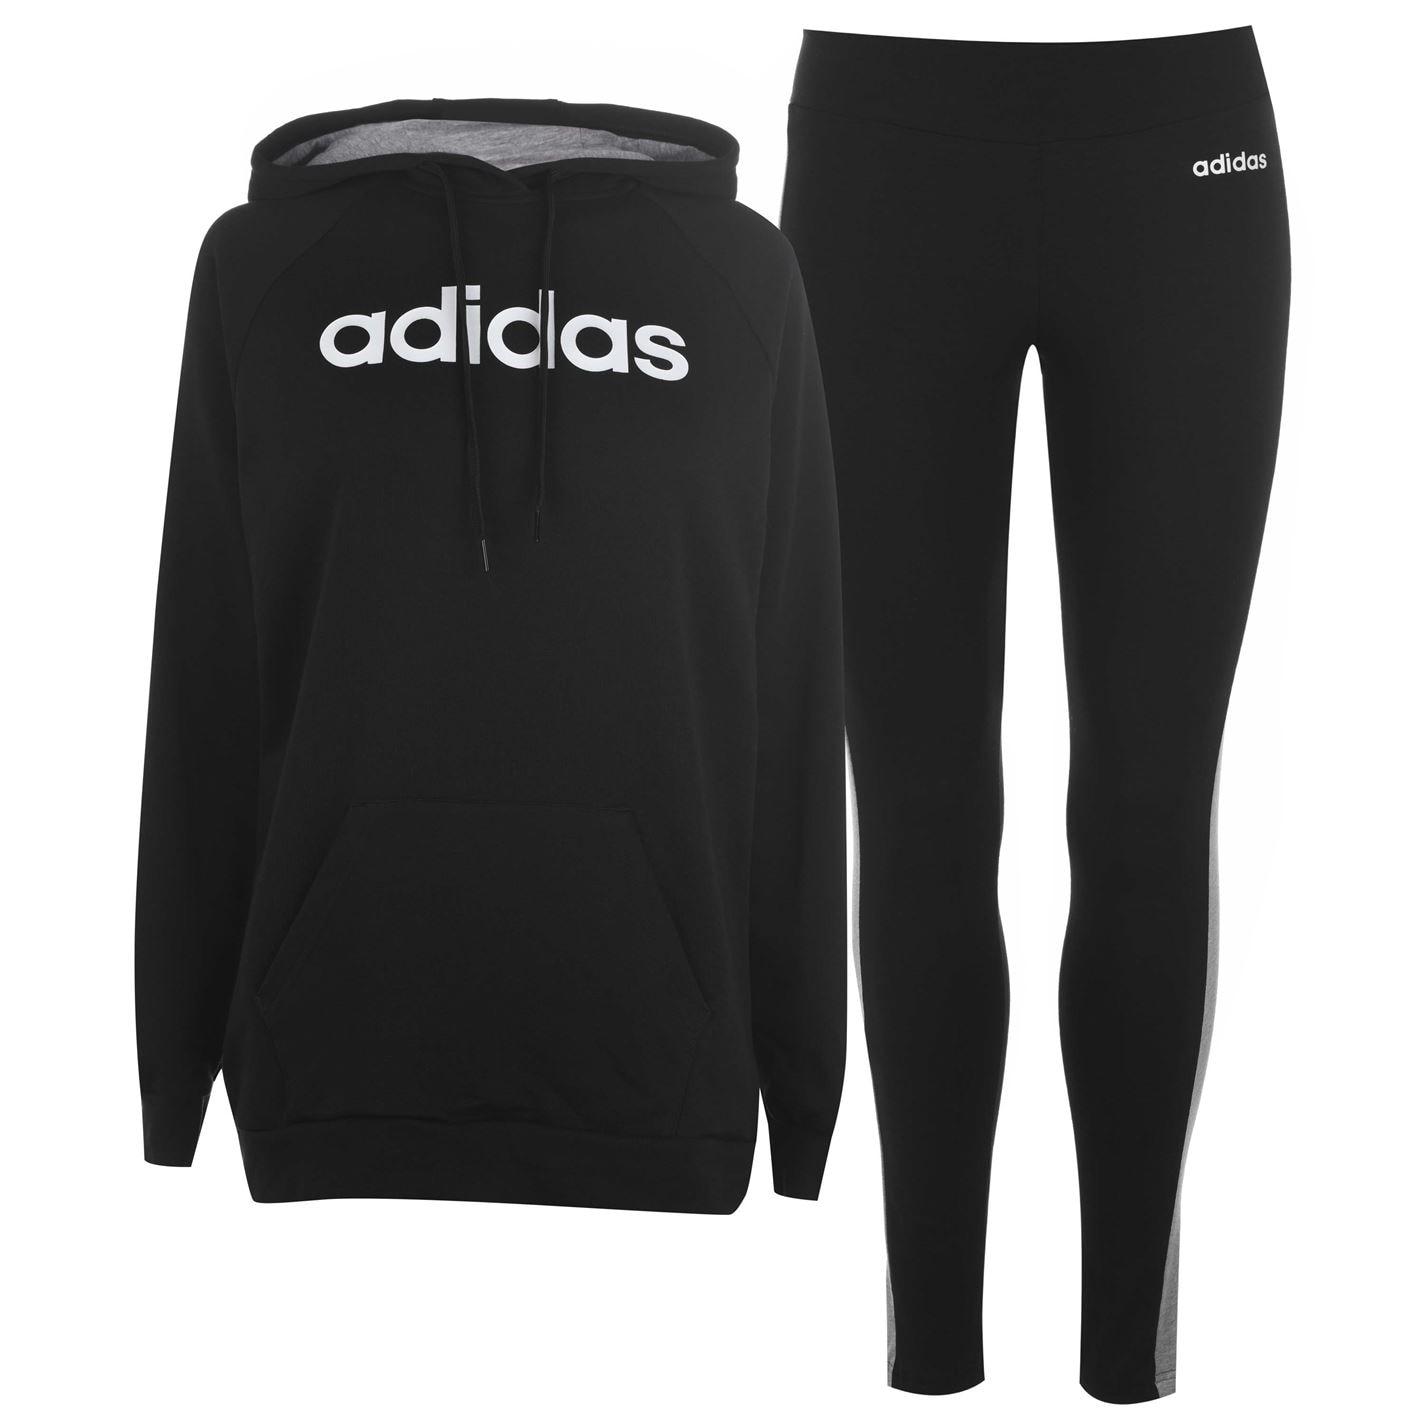 Adidas Tracksuit Set Ladies